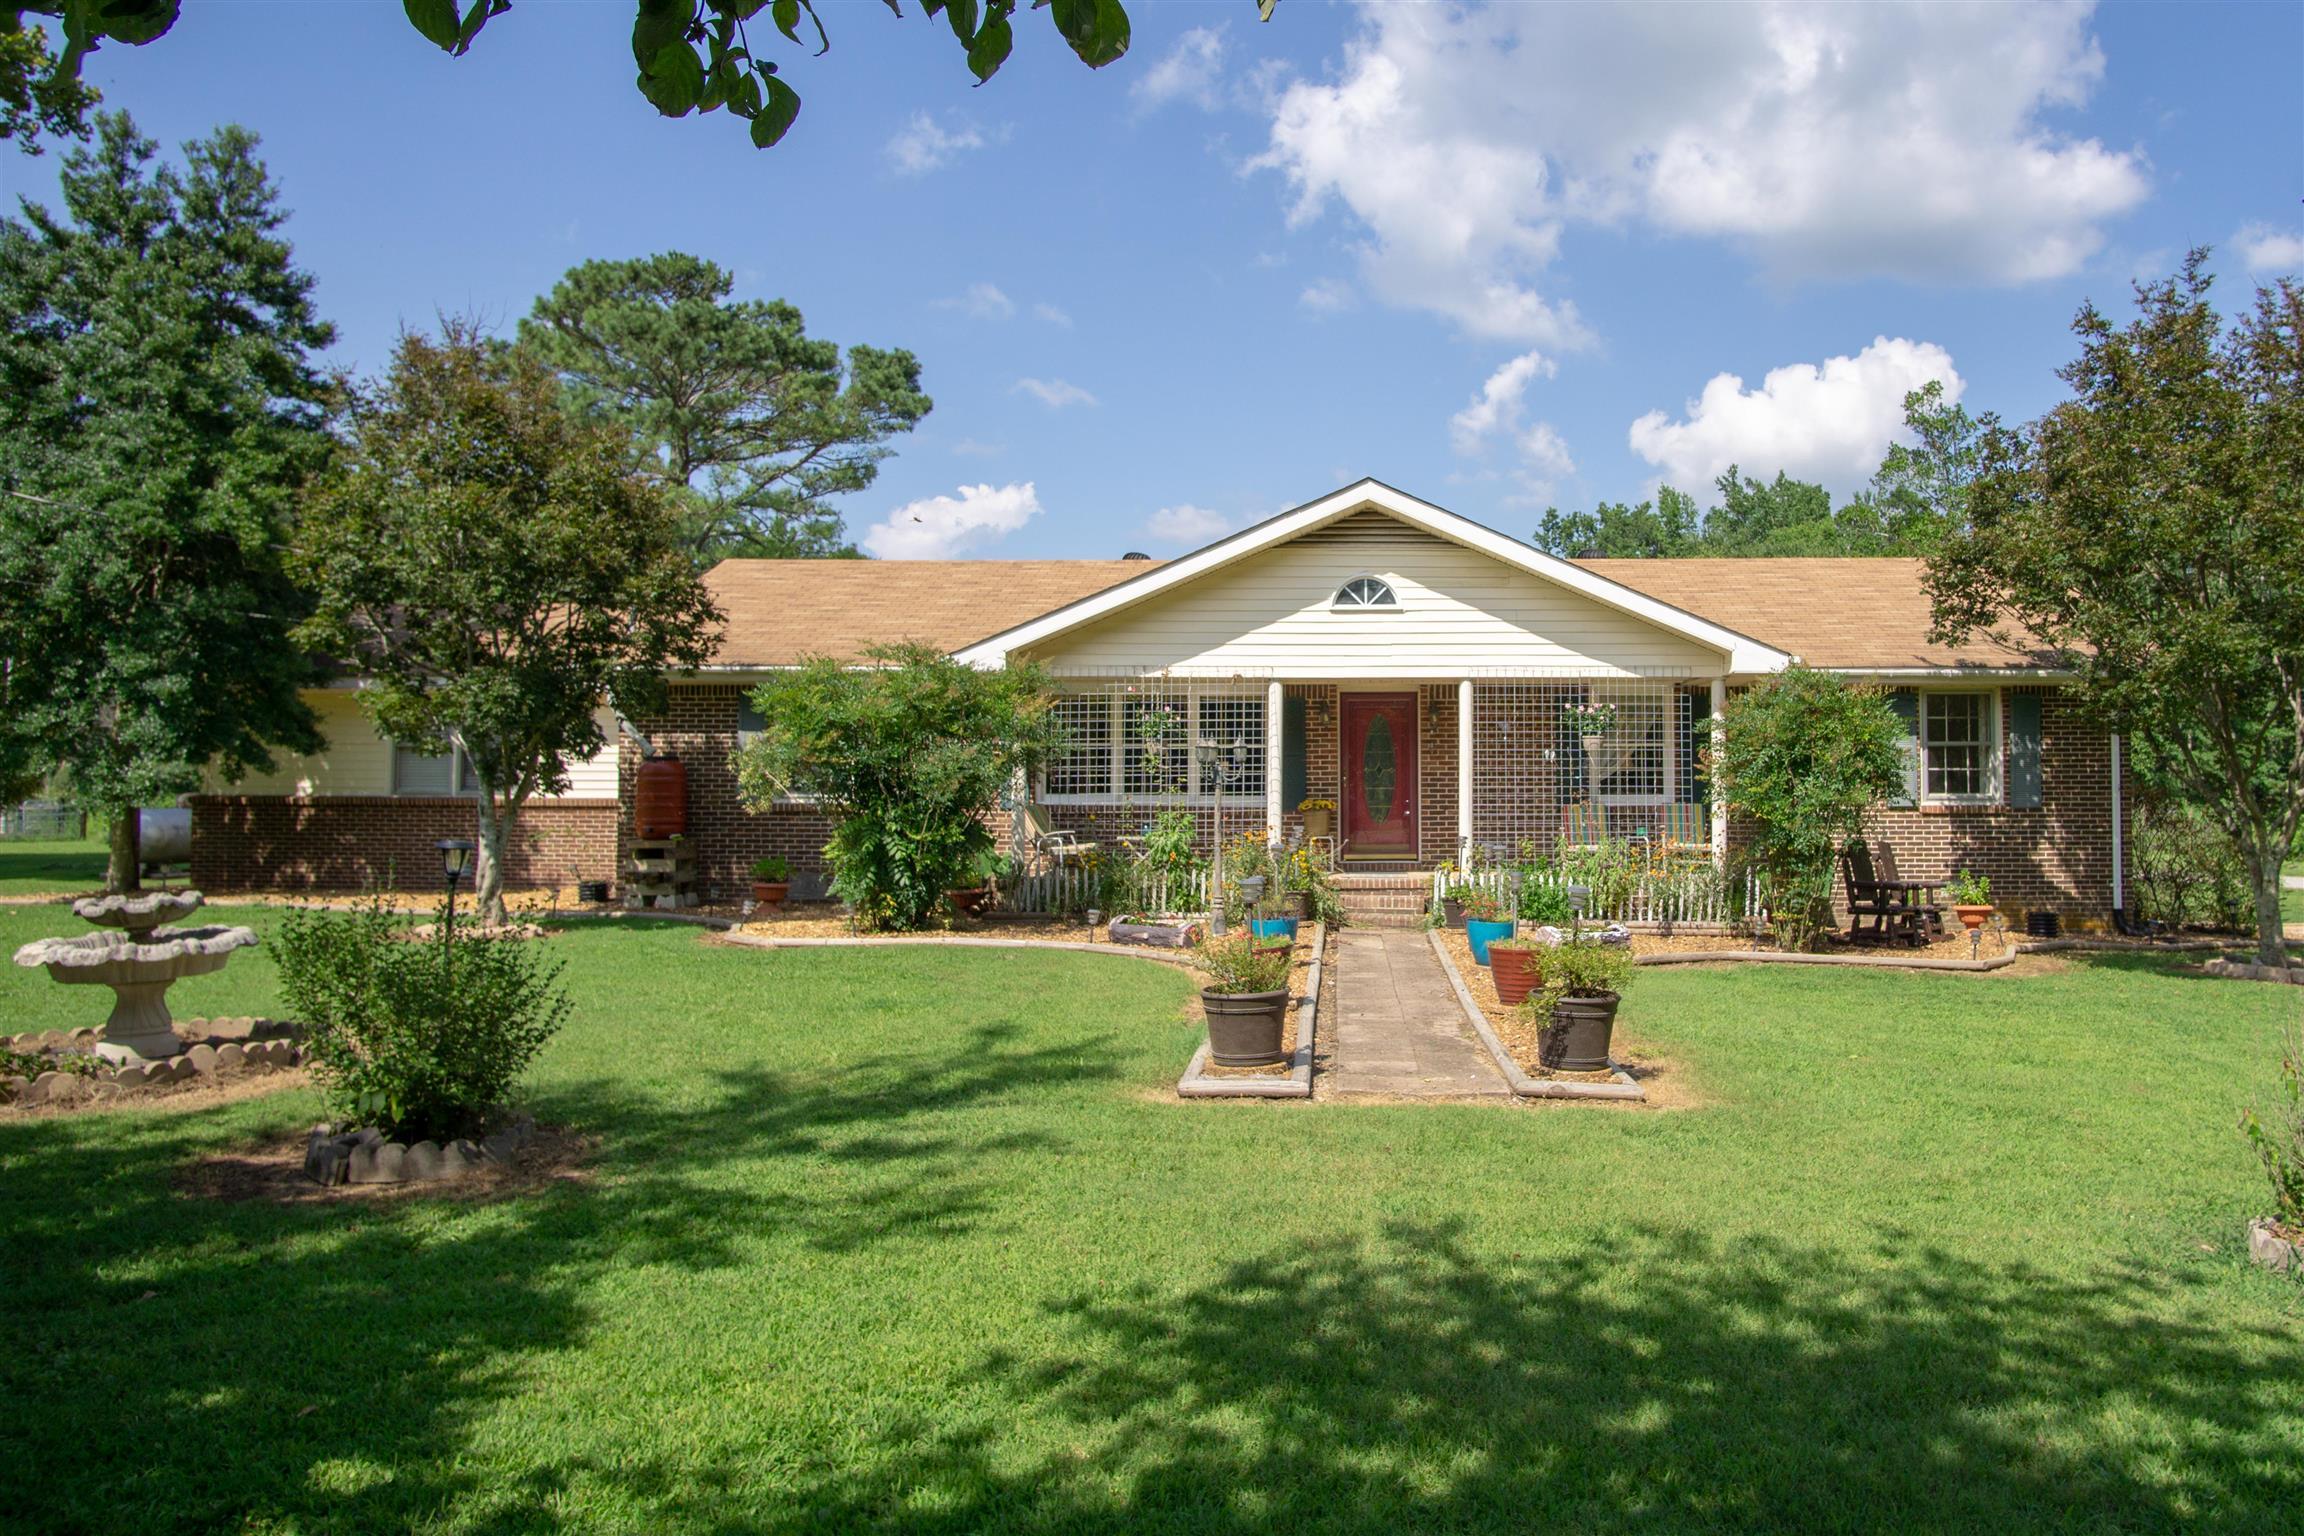 342 Sherrill Rd, Decherd, TN 37324 - Decherd, TN real estate listing